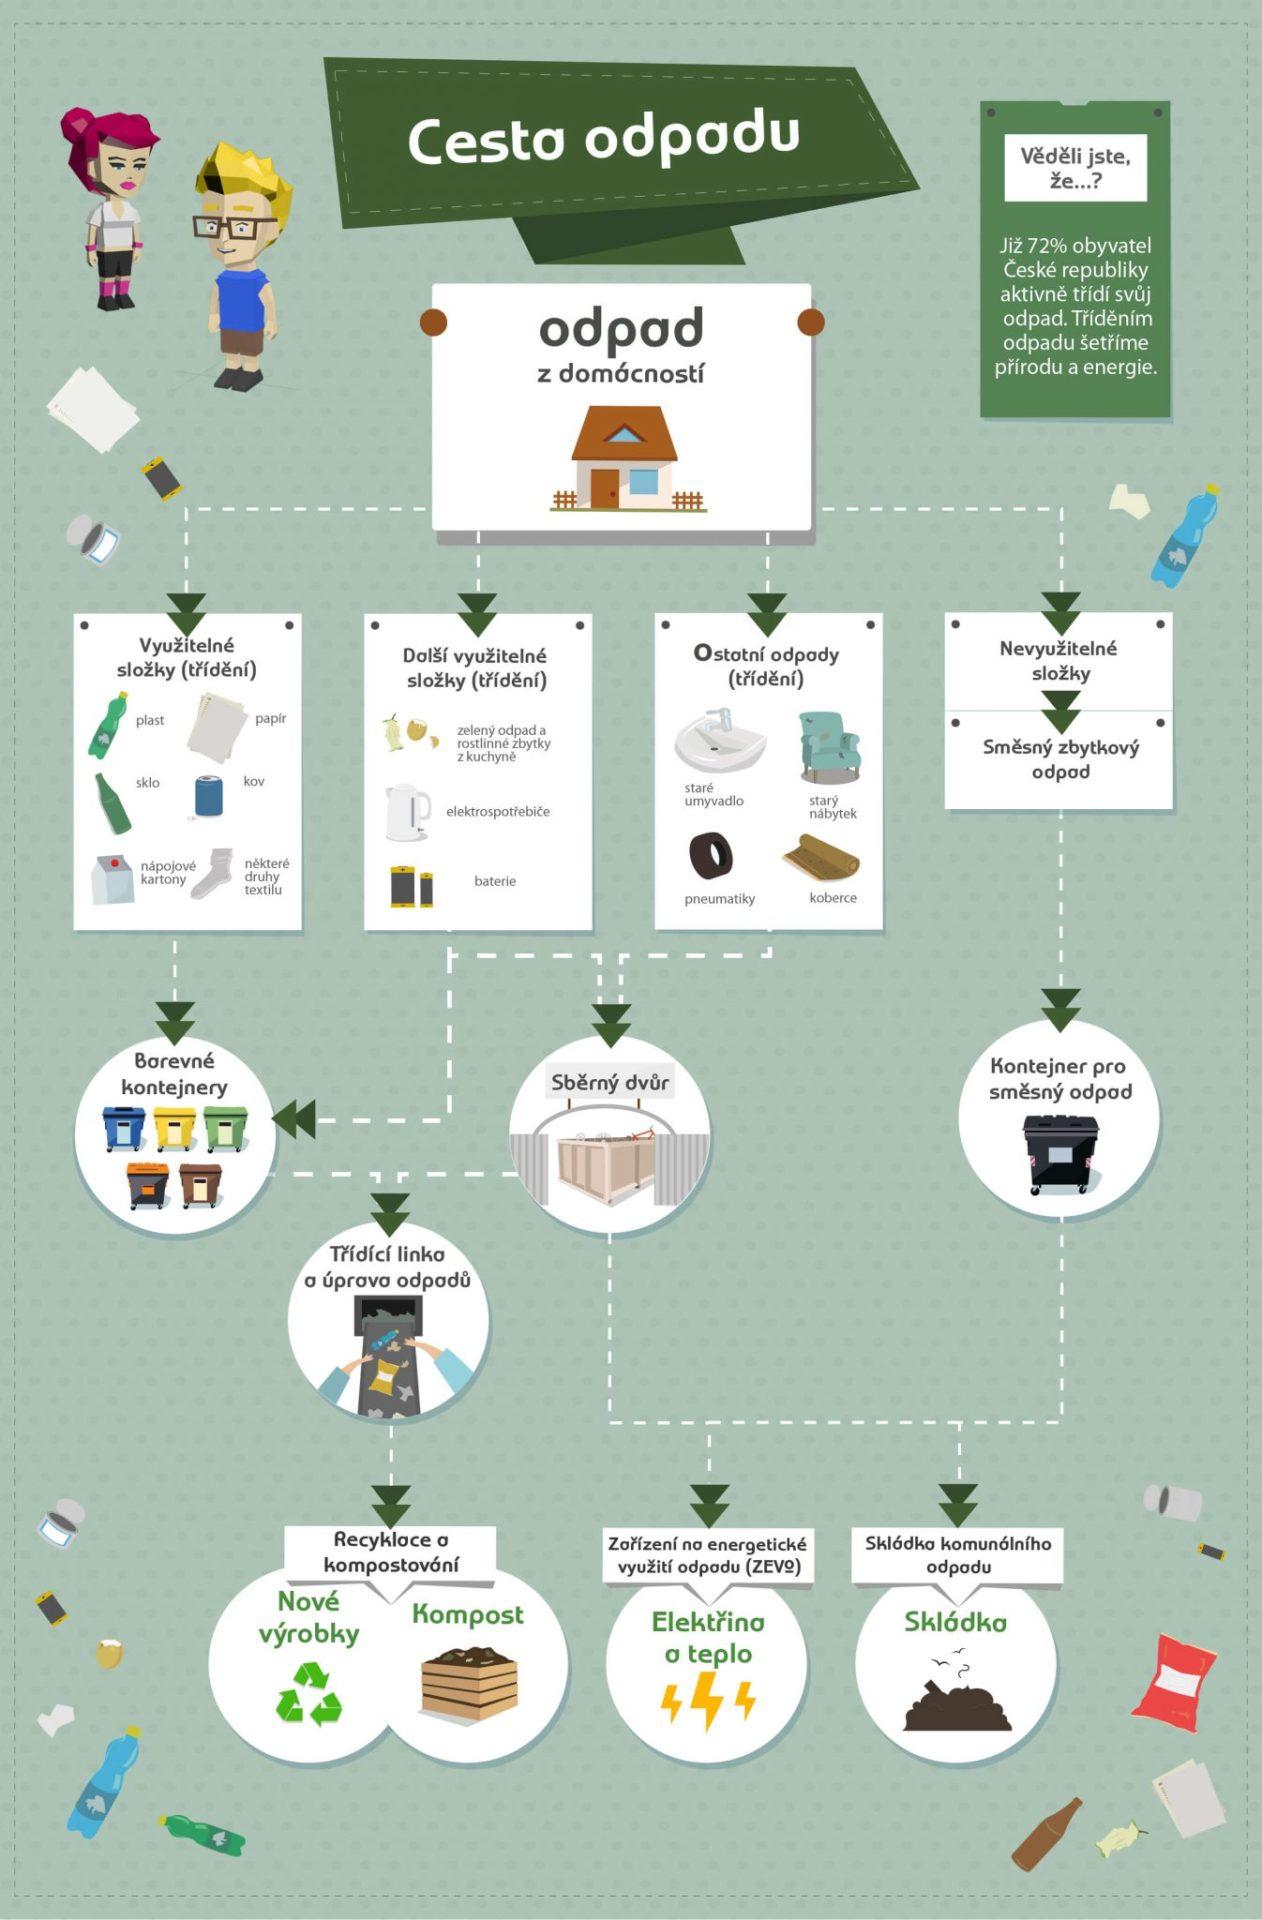 cesta_odpadu_likvidace_odpad_energie_infografika